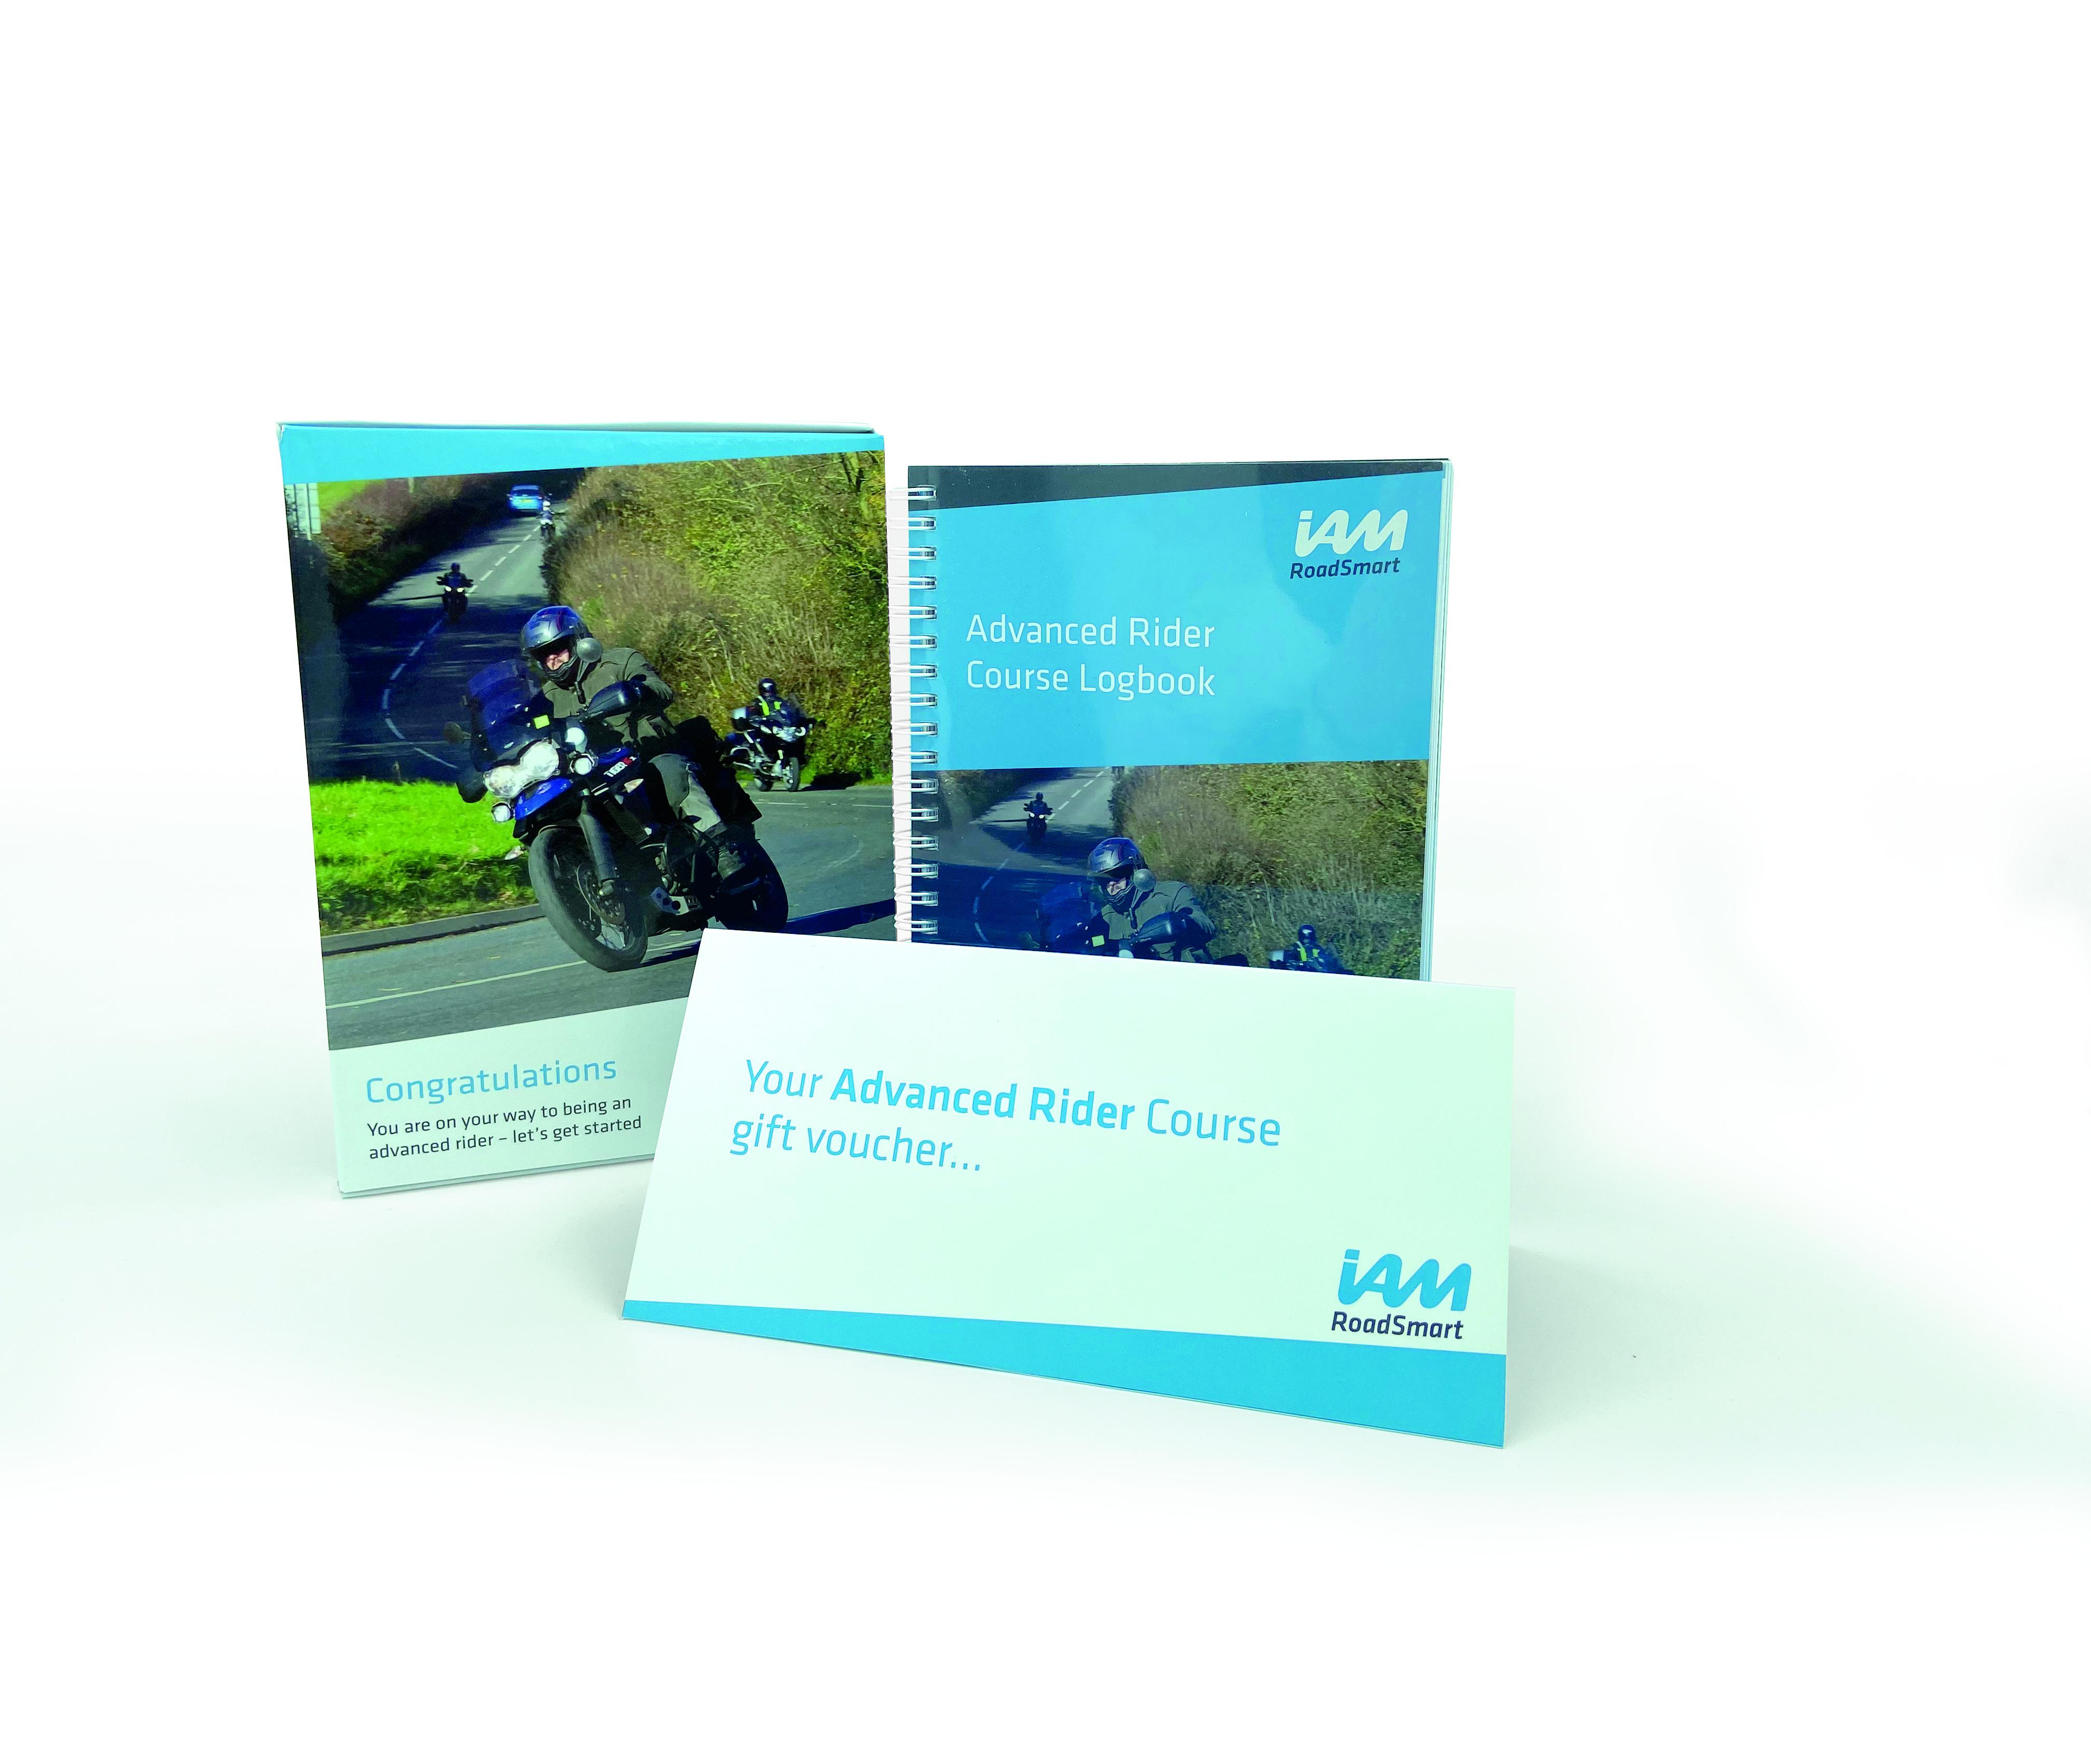 Advanced Rider gift voucher